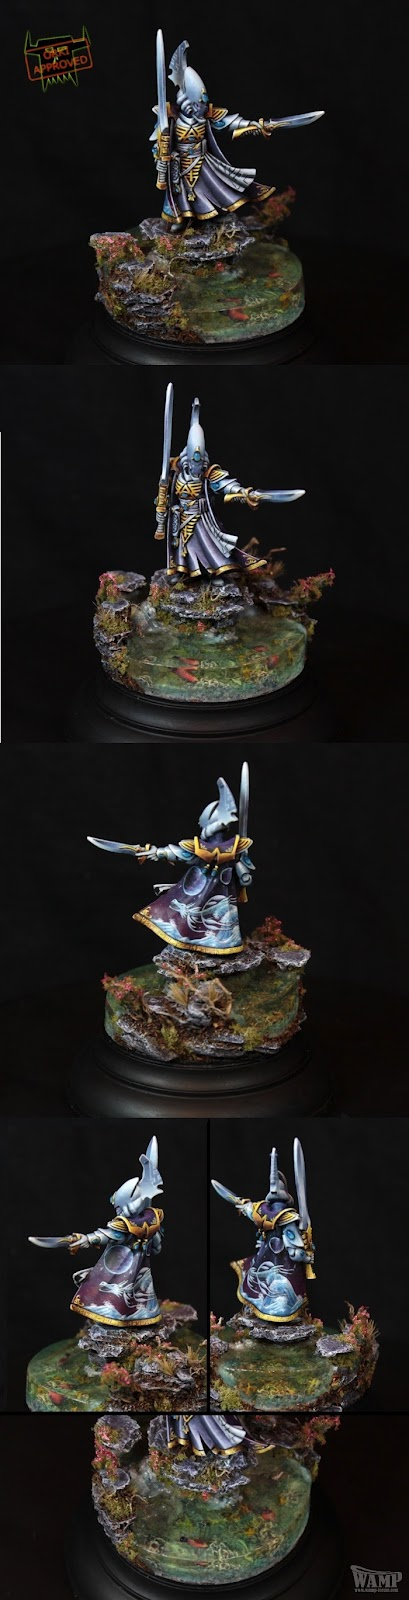 Vidente de los Eldar de Warhammer 40000 pintado por Orki